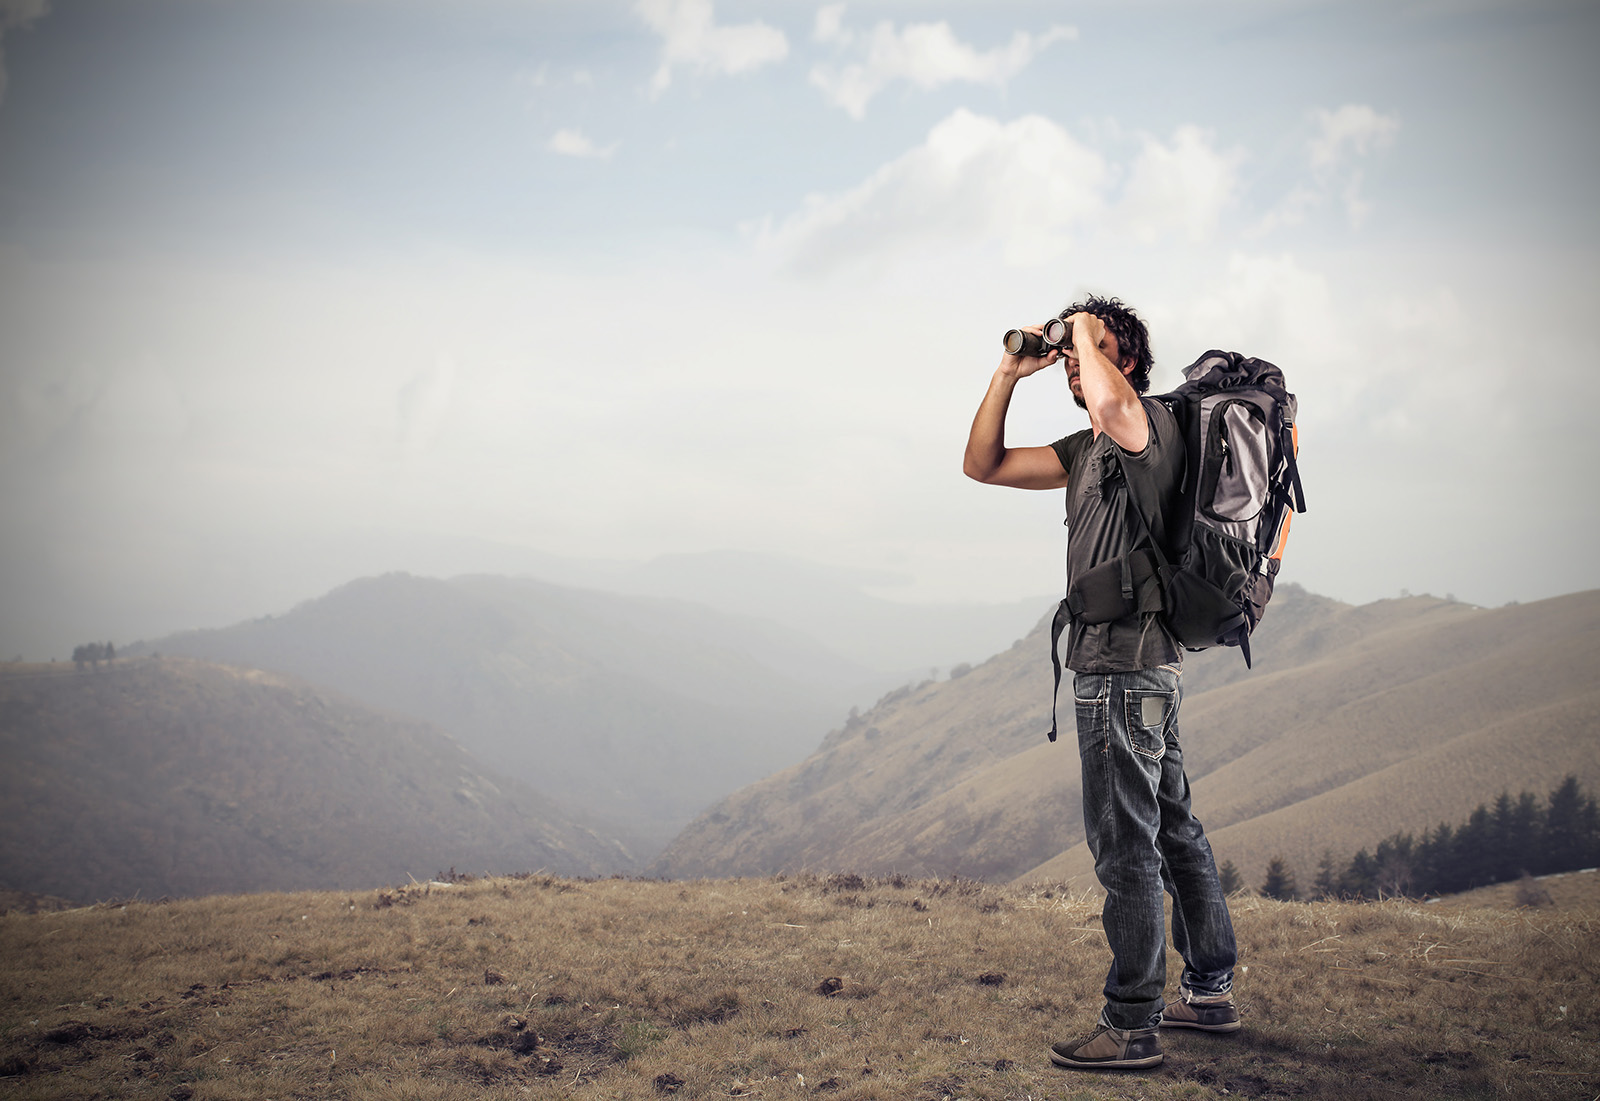 Alltid på utkikk etter nye villmarksopplevelser